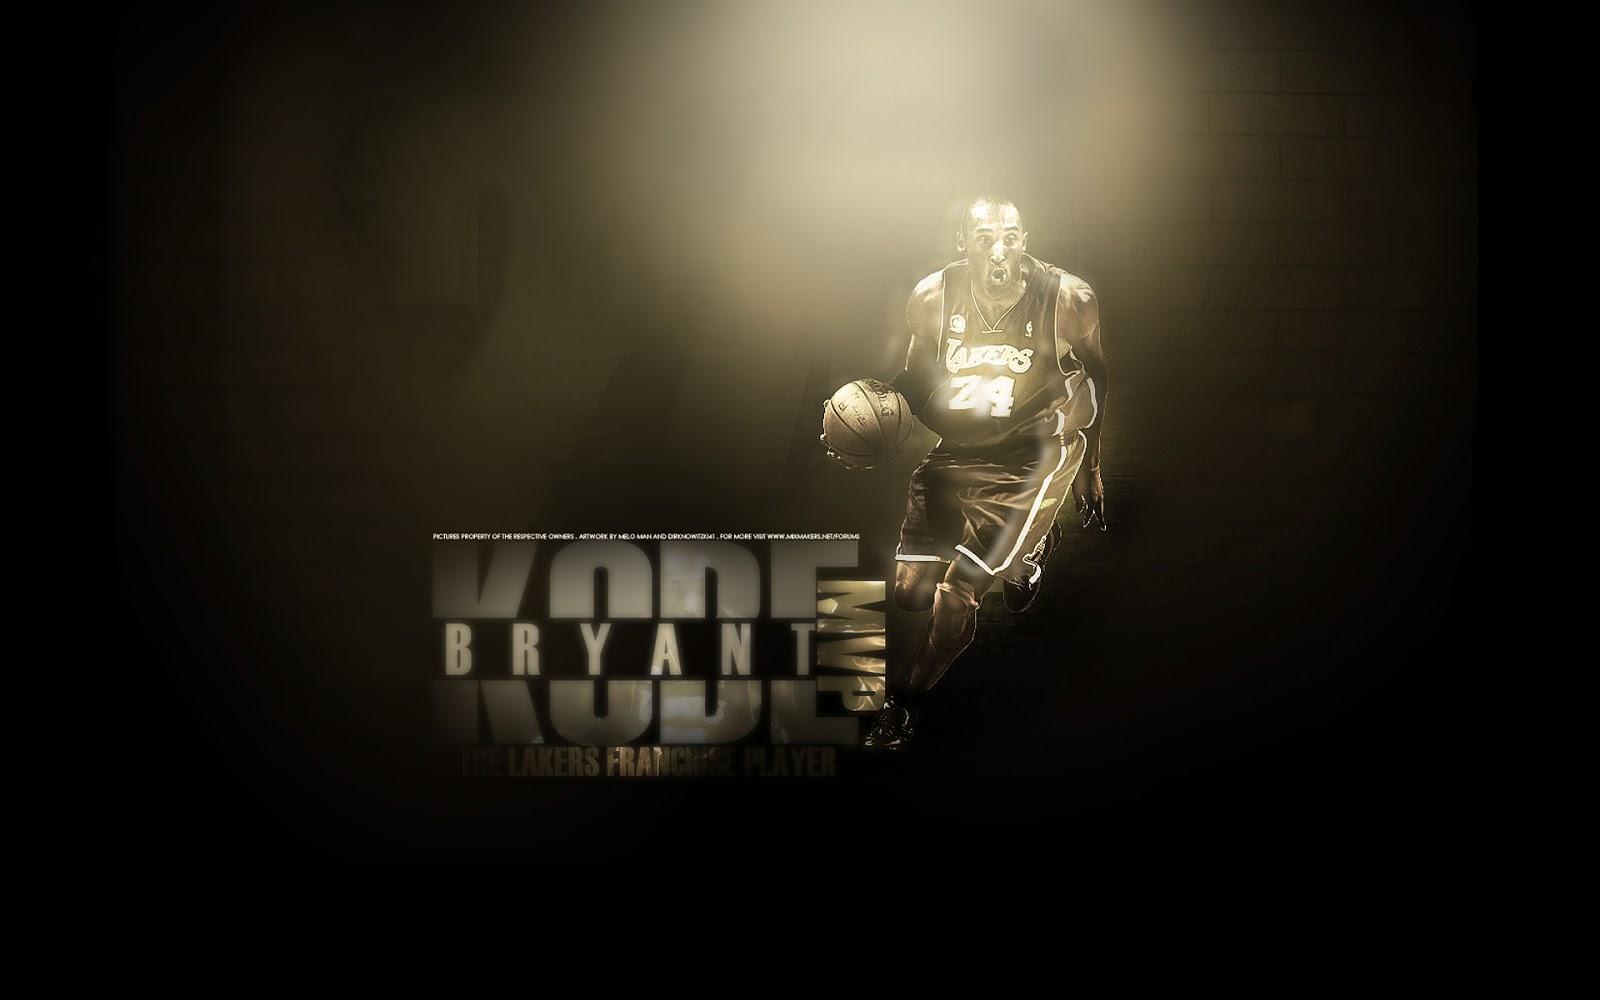 http://3.bp.blogspot.com/-e1Eu-KoT9Mg/UIqUt7UzZEI/AAAAAAAAAO0/uHpo1wIy5F0/s1600/basketball_7.jpg